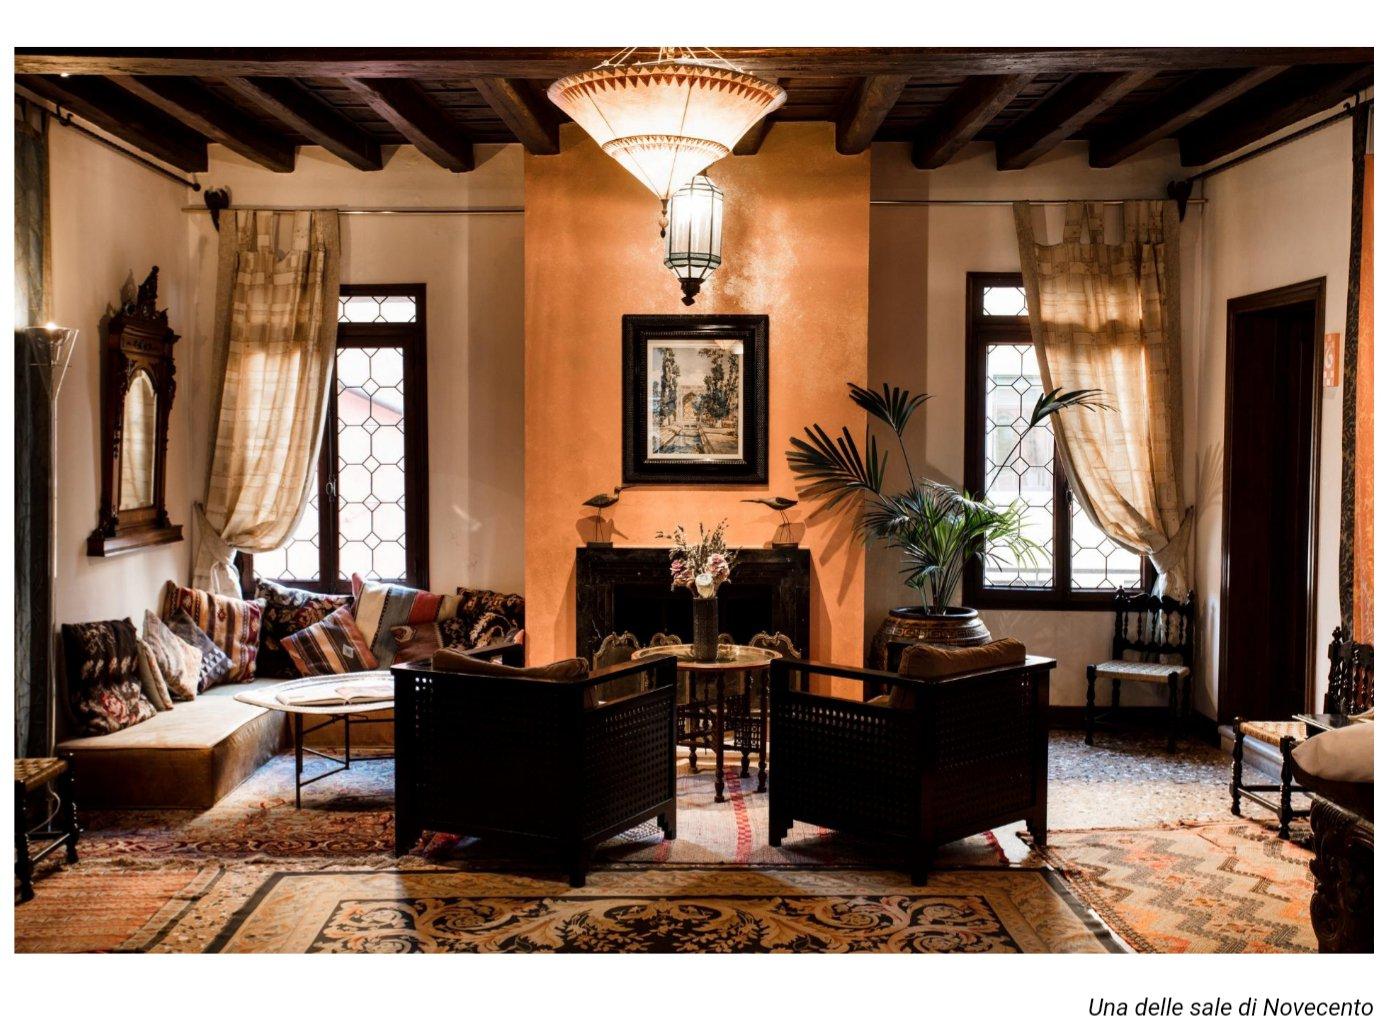 Vergani Home Divani Prezzi cicale e biliardino | a blog by alessia luongo di giacomo